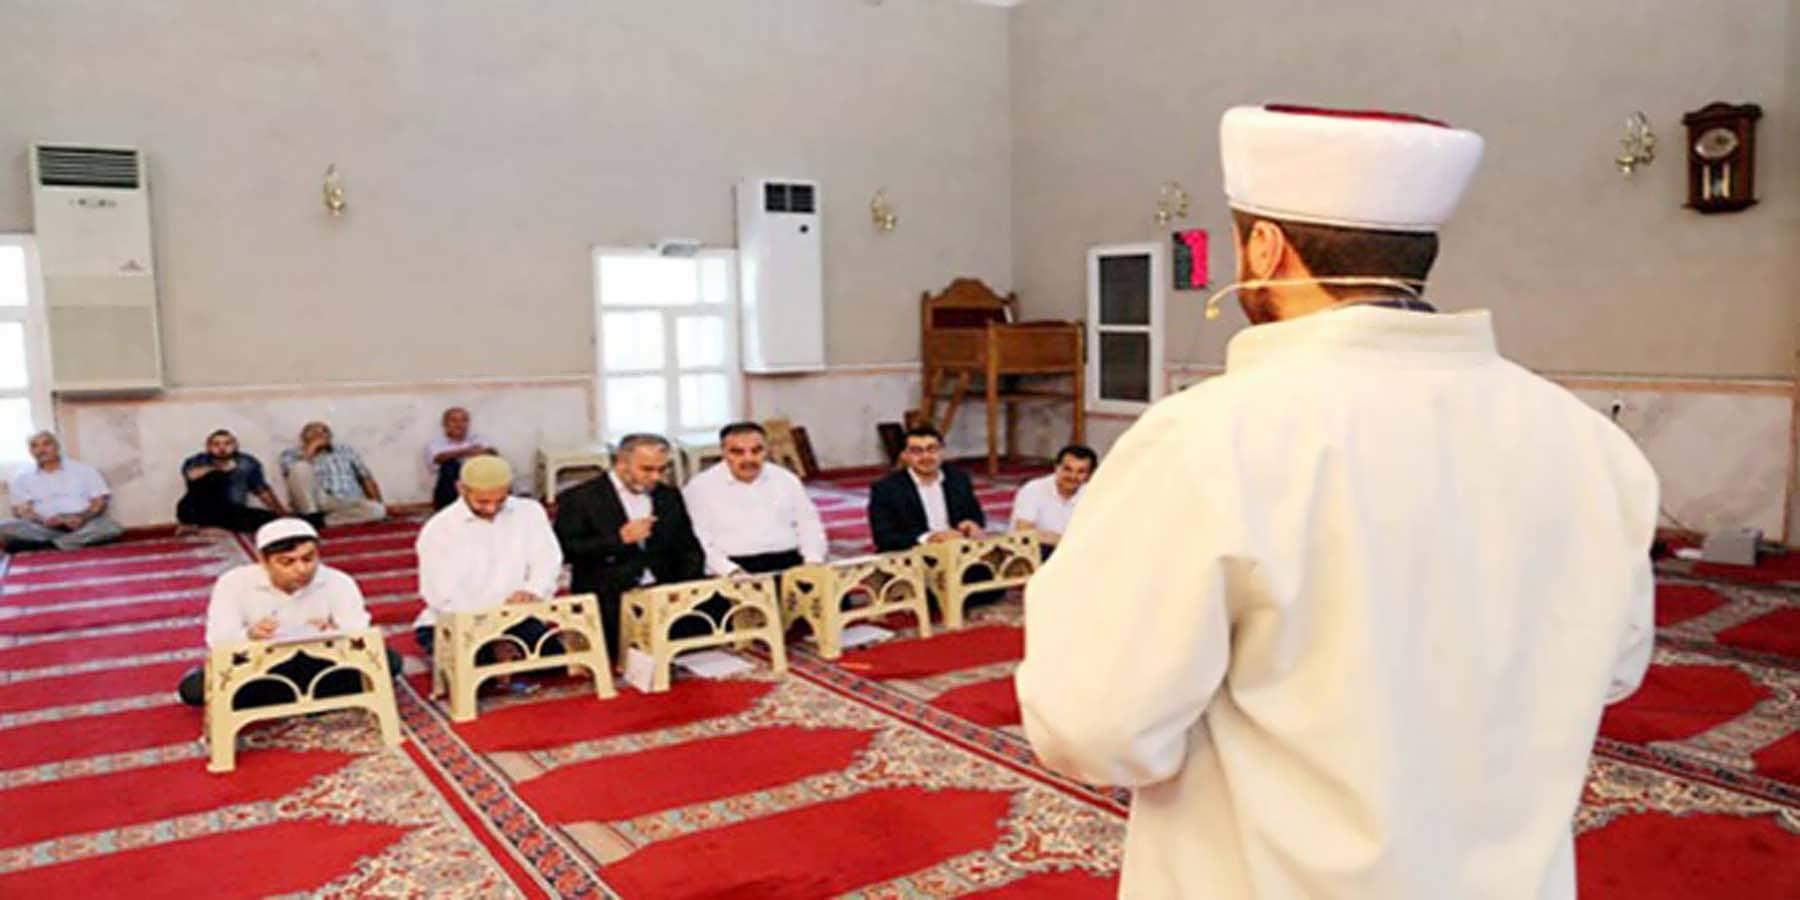 Yurtdışında 350 Din Görevlisi Görevlendirilecek